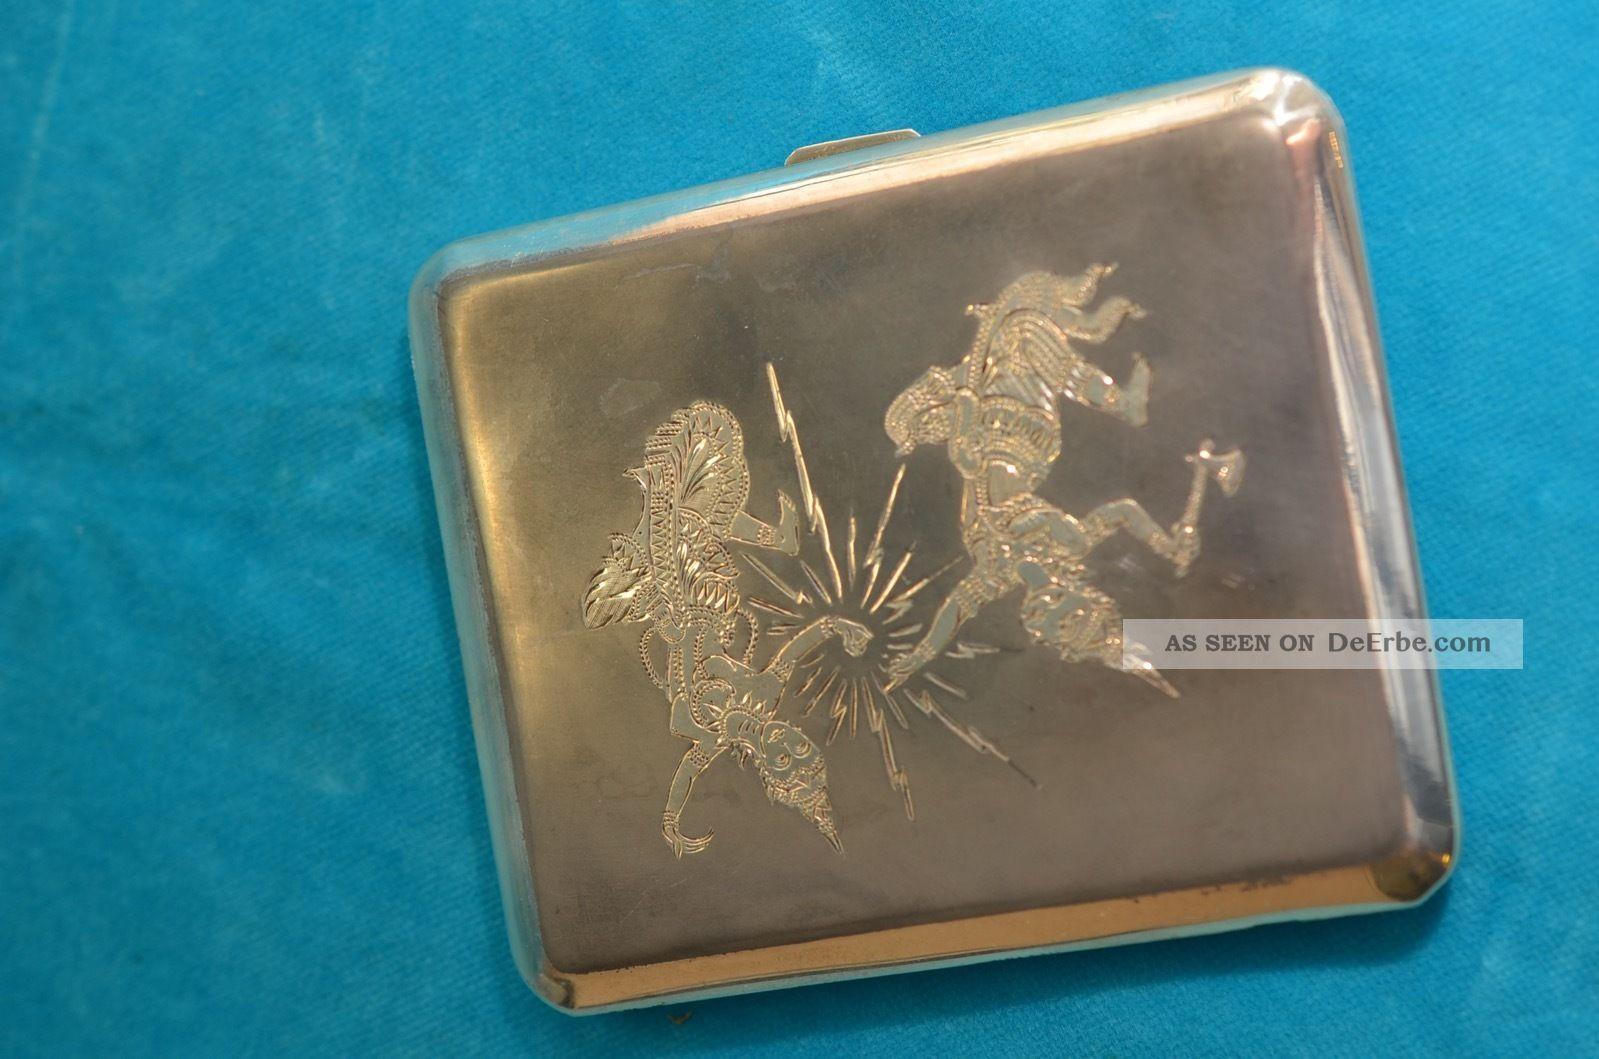 Sterlingsilber 925 Zigarettenetui Mit Asiatischen Motiven Objekte nach 1945 Bild